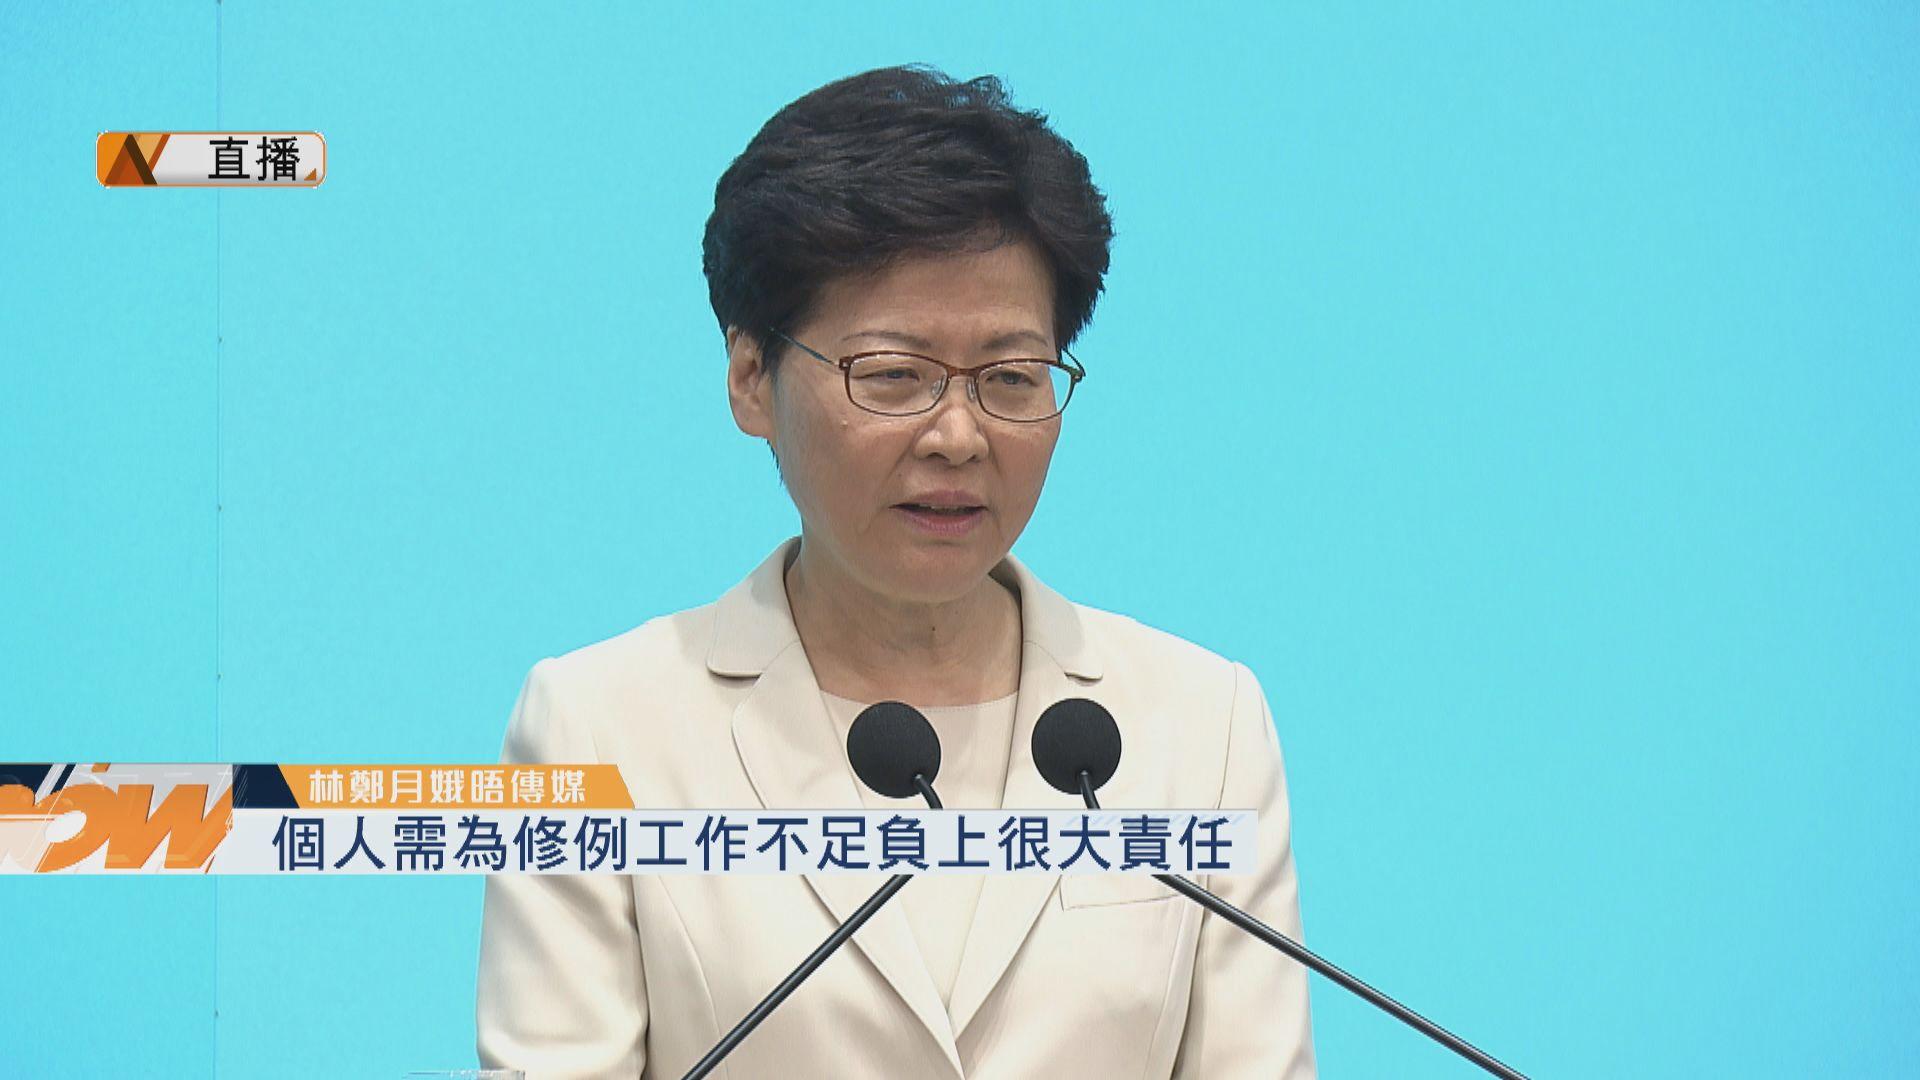 【最新】林鄭:不能判斷警方有否使用過份武力否則凌駕投訴機制